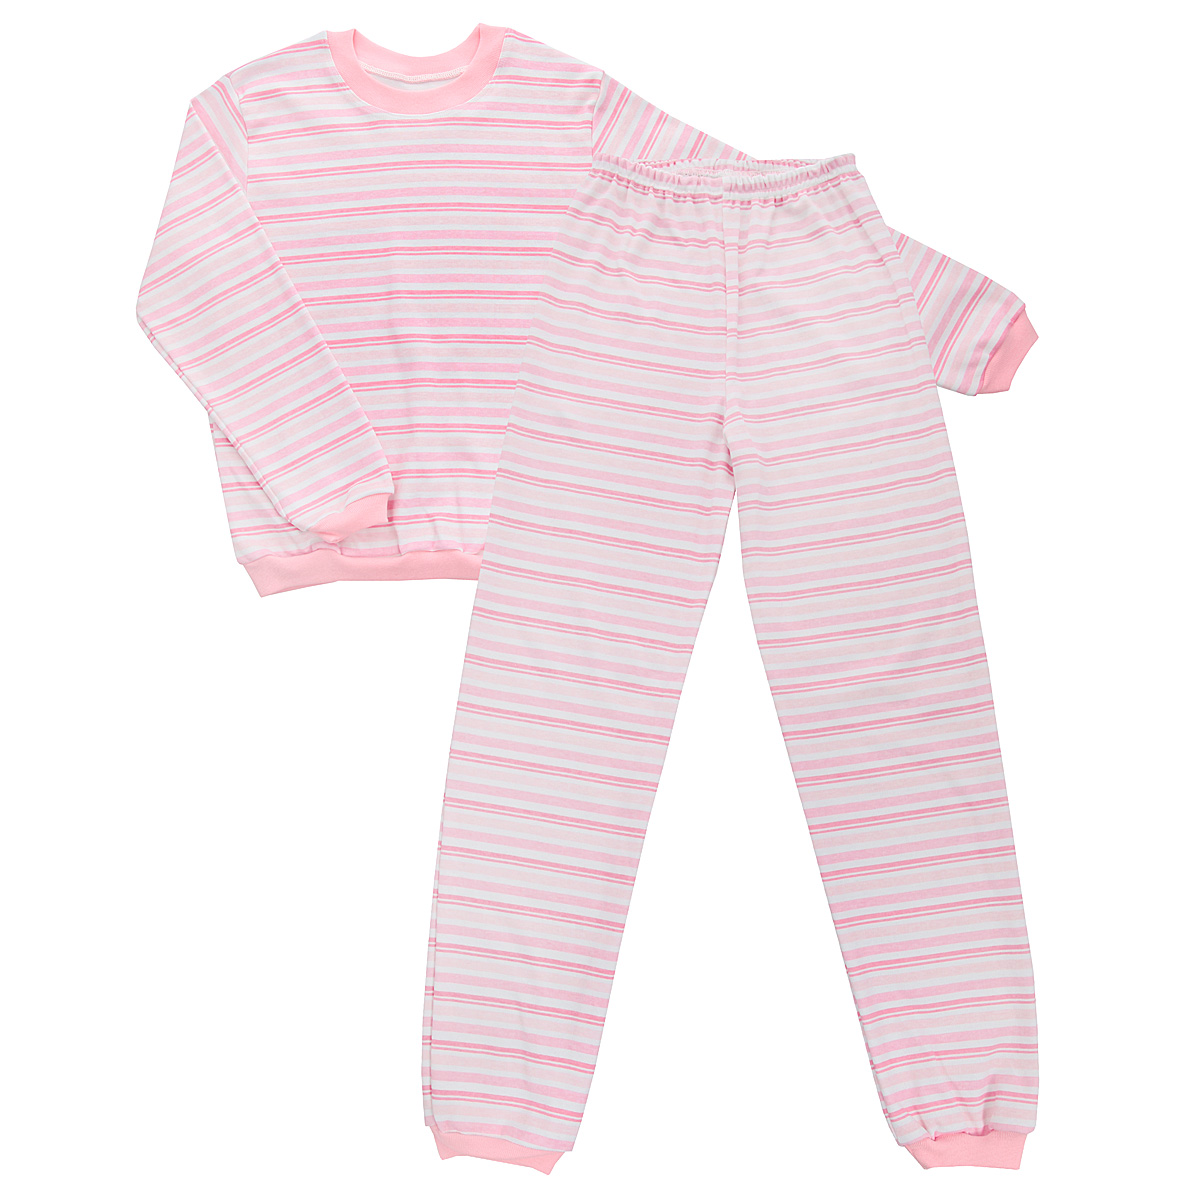 Пижама детская Трон-плюс, цвет: розовый, белый. 5555_полоска. Размер 134/140, 9-12 лет5555_полоскаУютная детская пижама Трон-плюс, состоящая из джемпера и брюк, идеально подойдет вашему ребенку и станет отличным дополнением к детскому гардеробу. Изготовленная из интерлока, она необычайно мягкая и легкая, не сковывает движения, позволяет коже дышать и не раздражает даже самую нежную и чувствительную кожу ребенка. Трикотажный джемпер с длинными рукавами имеет круглый вырез горловины. Низ изделия, рукава и вырез горловины дополнены эластичной трикотажной резинкой контрастного цвета.Брюки на талии имеют эластичную резинку, благодаря чему не сдавливают живот ребенка и не сползают. Низ брючин дополнен широкими эластичными манжетами контрастного цвета.Оформлено изделие принтом в полоску. В такой пижаме ваш ребенок будет чувствовать себя комфортно и уютно во время сна.